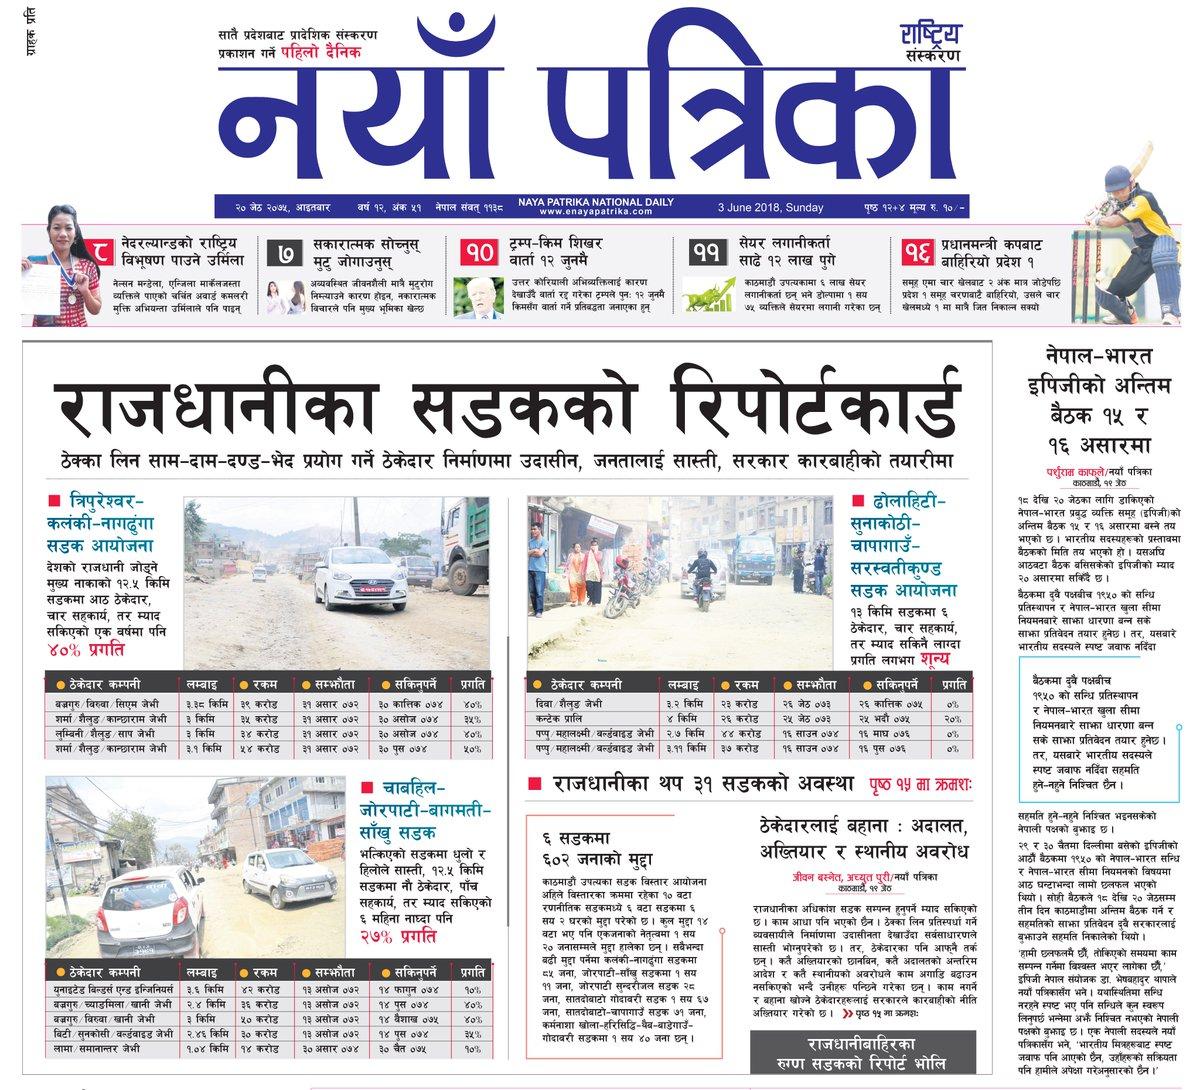 www naya patrika news com